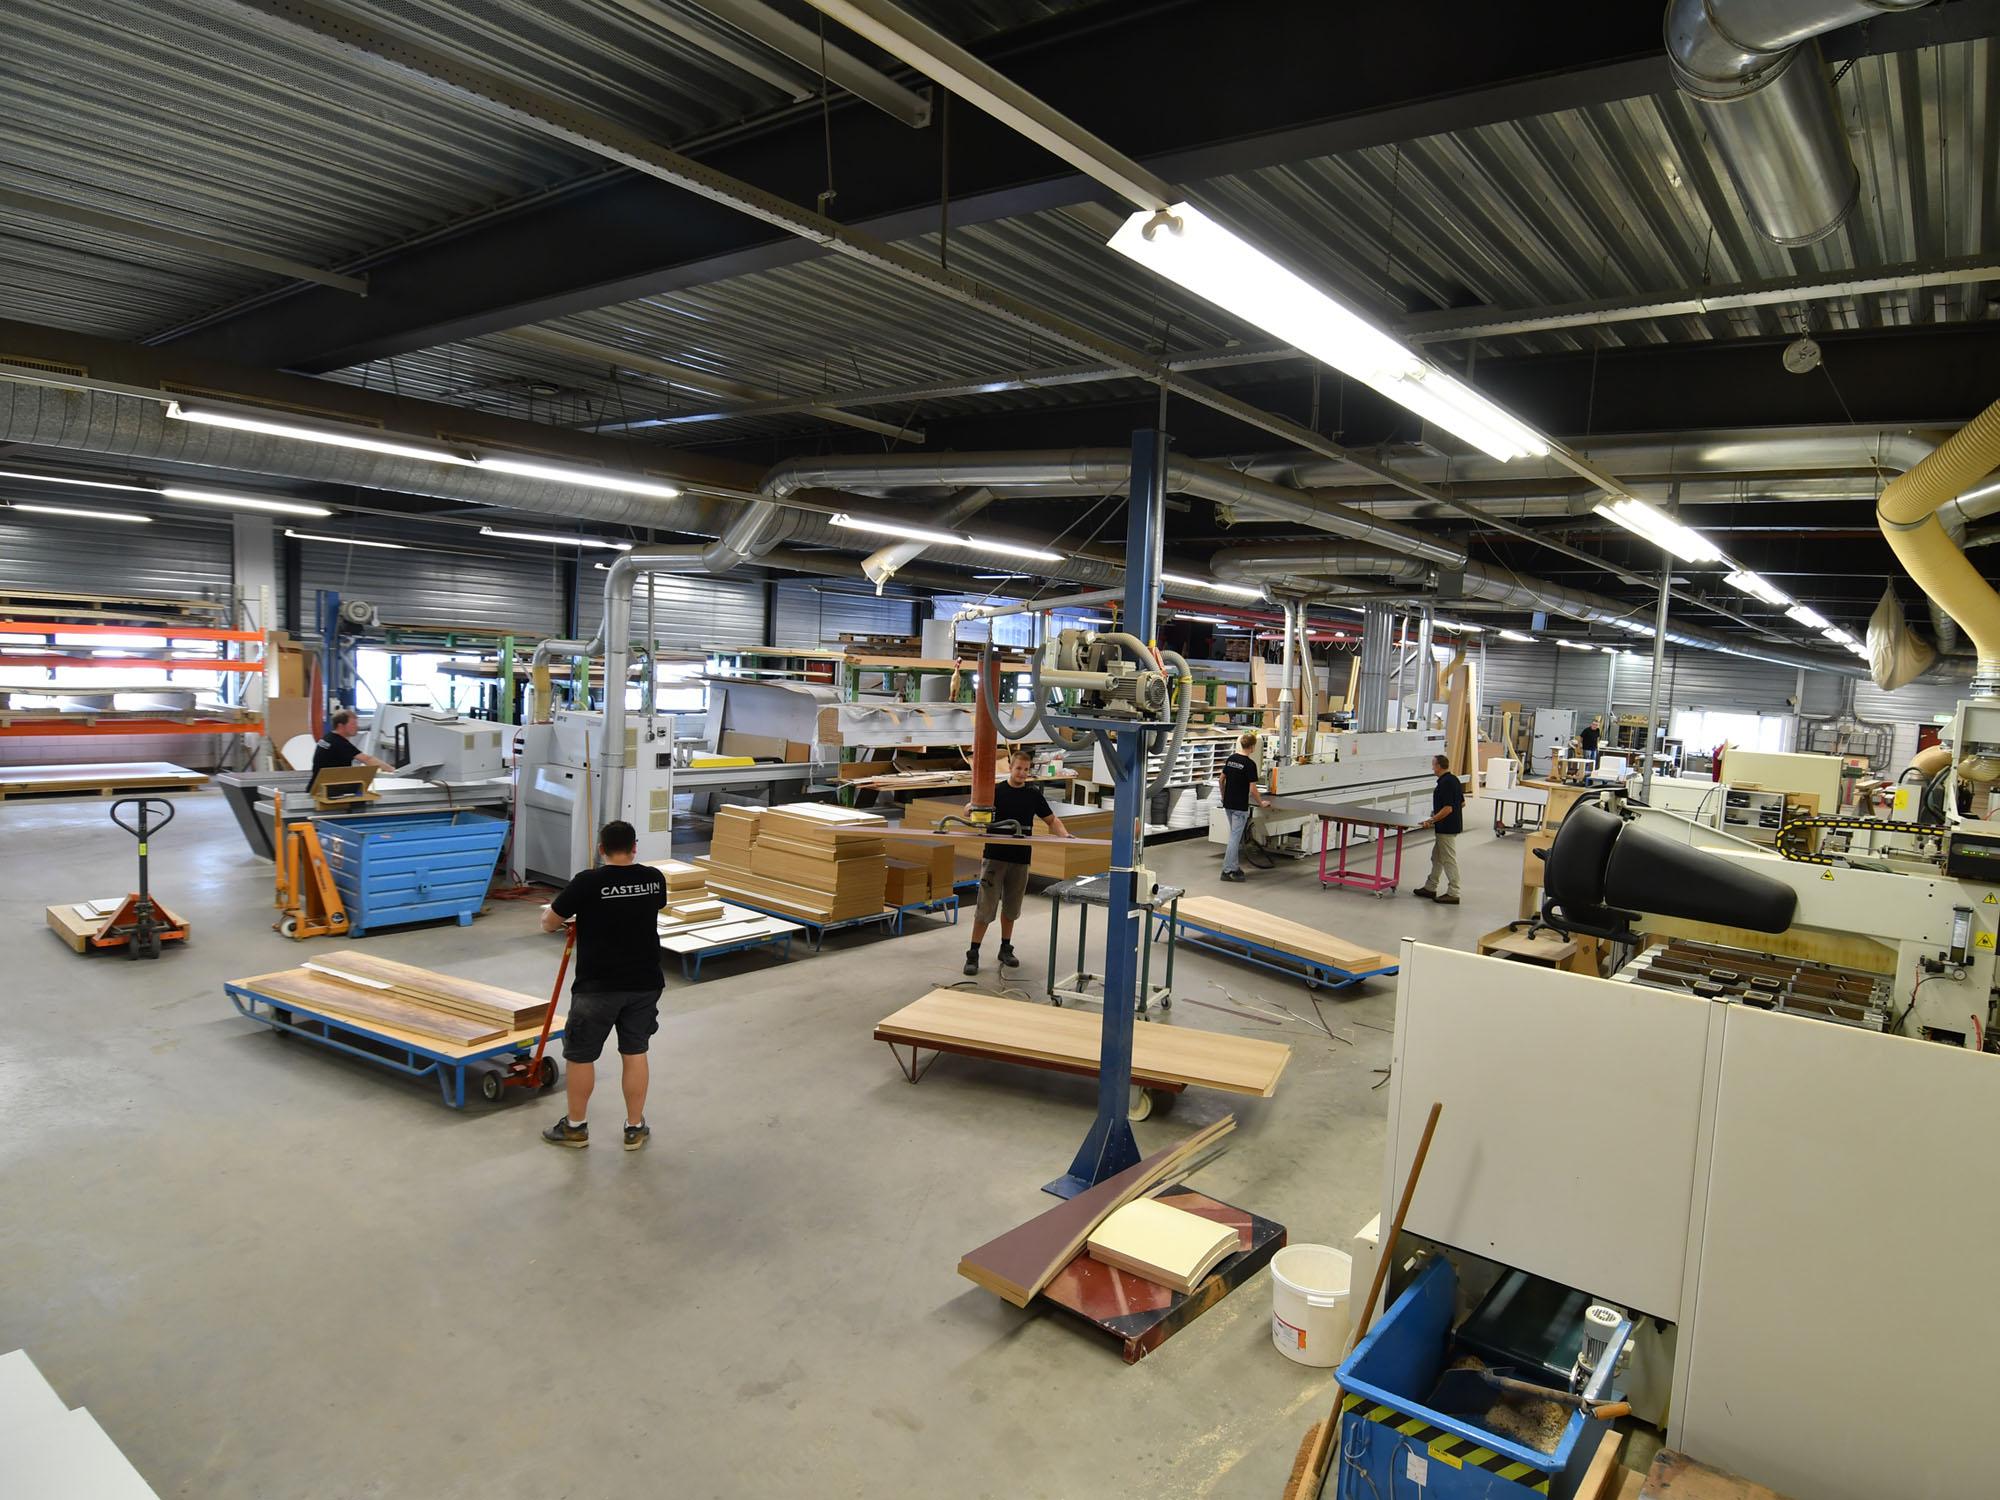 Castelijn fabriek in Roelofarendsveen